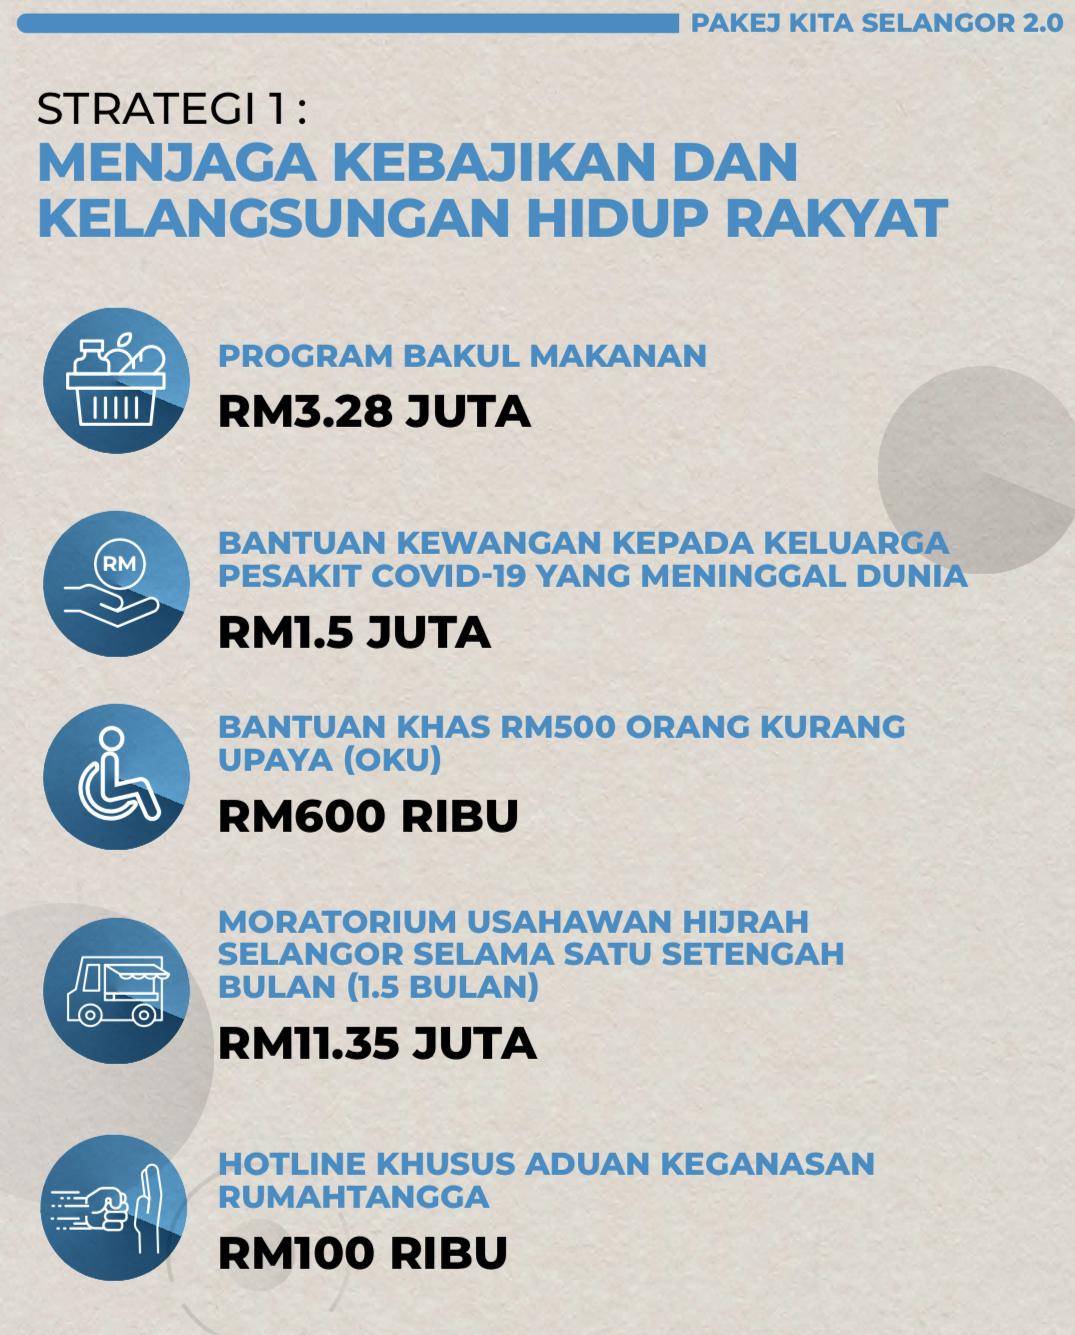 Pakej Kita Selangor 2.0